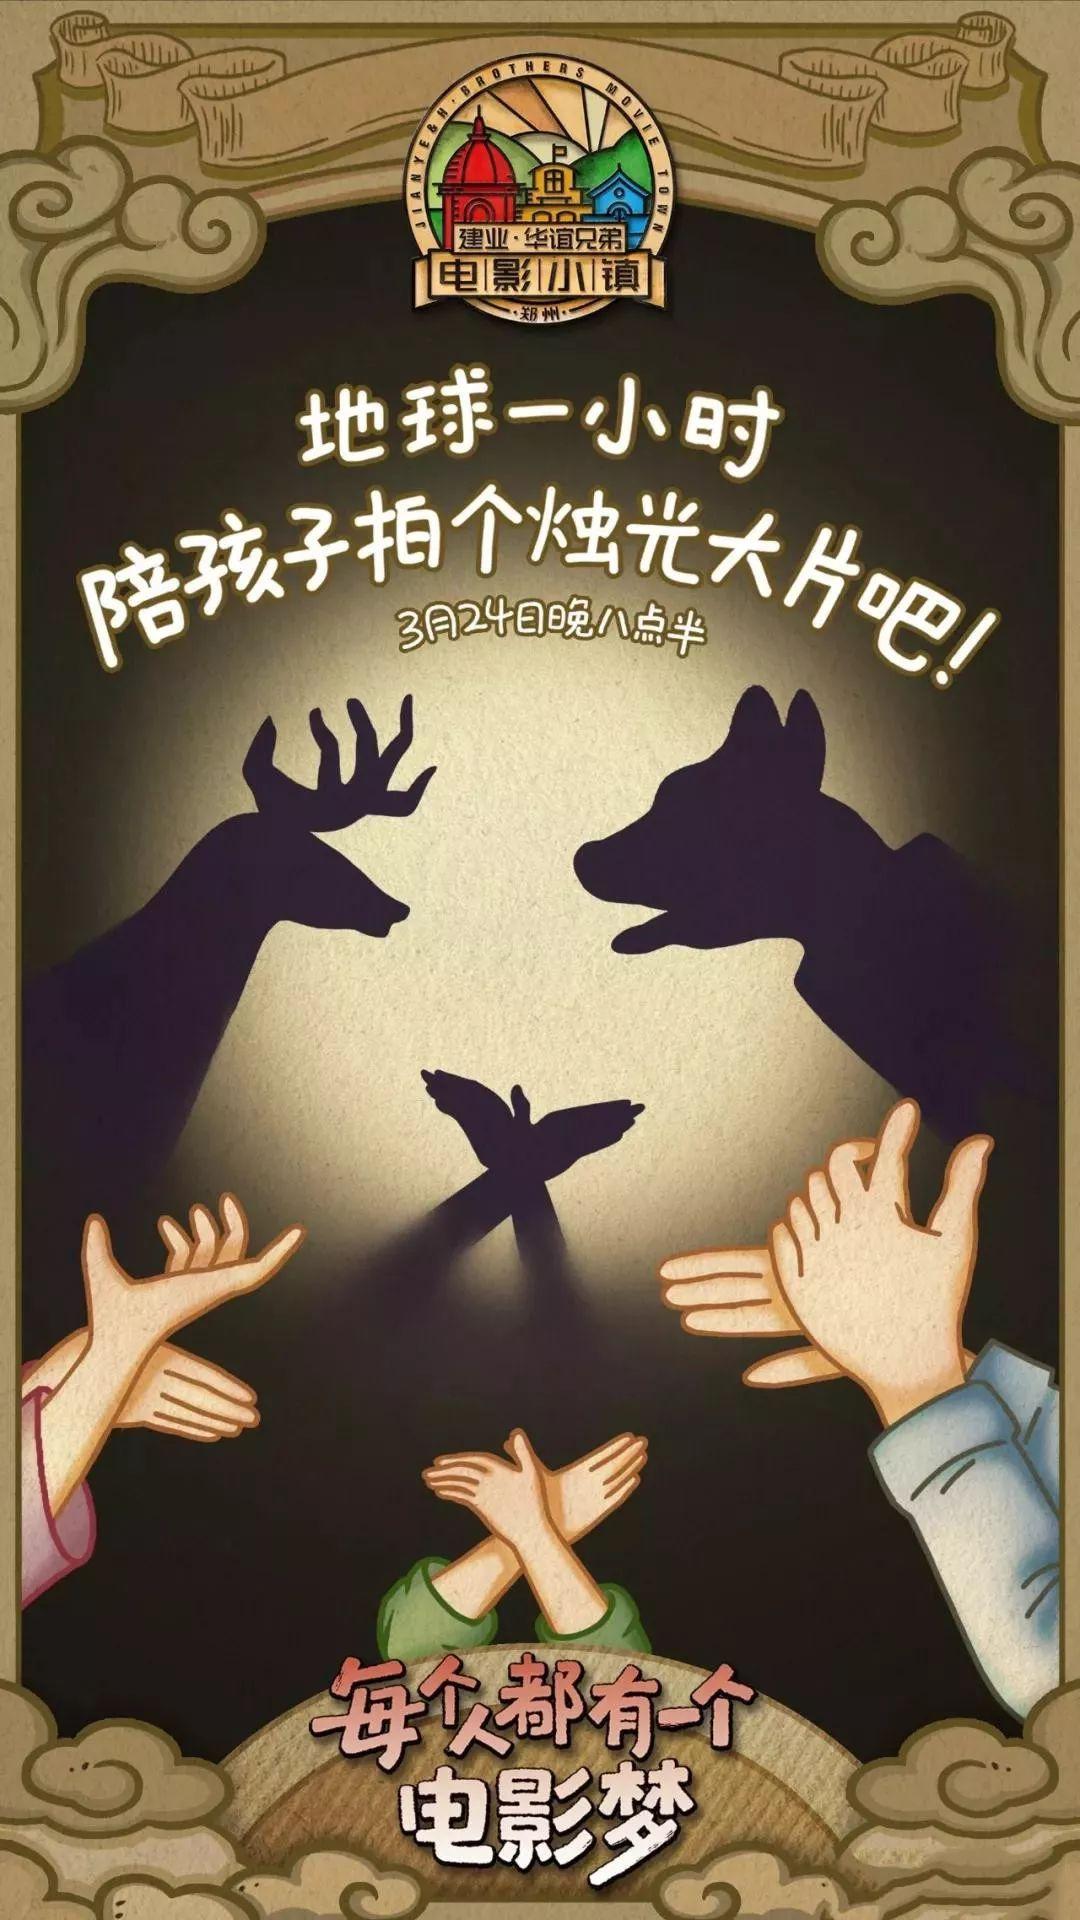 地球一小时文案海报:抬头发现天空中最亮的星!插图37